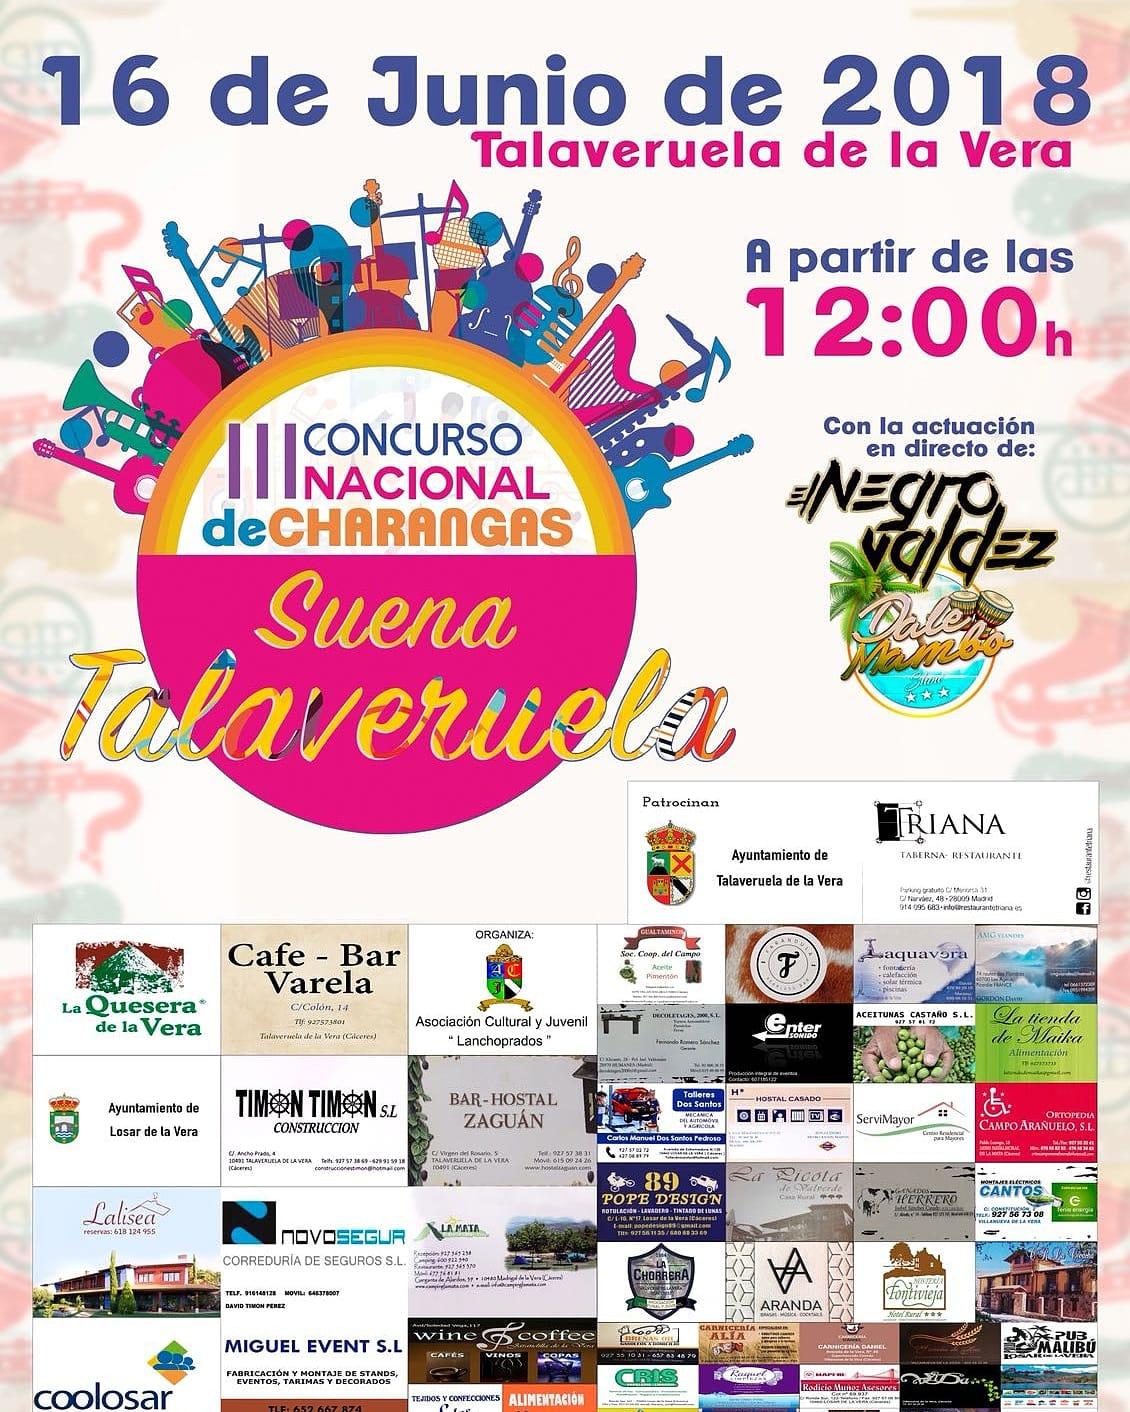 III Concurso nacional de charangas - Talaveruela de la Vera